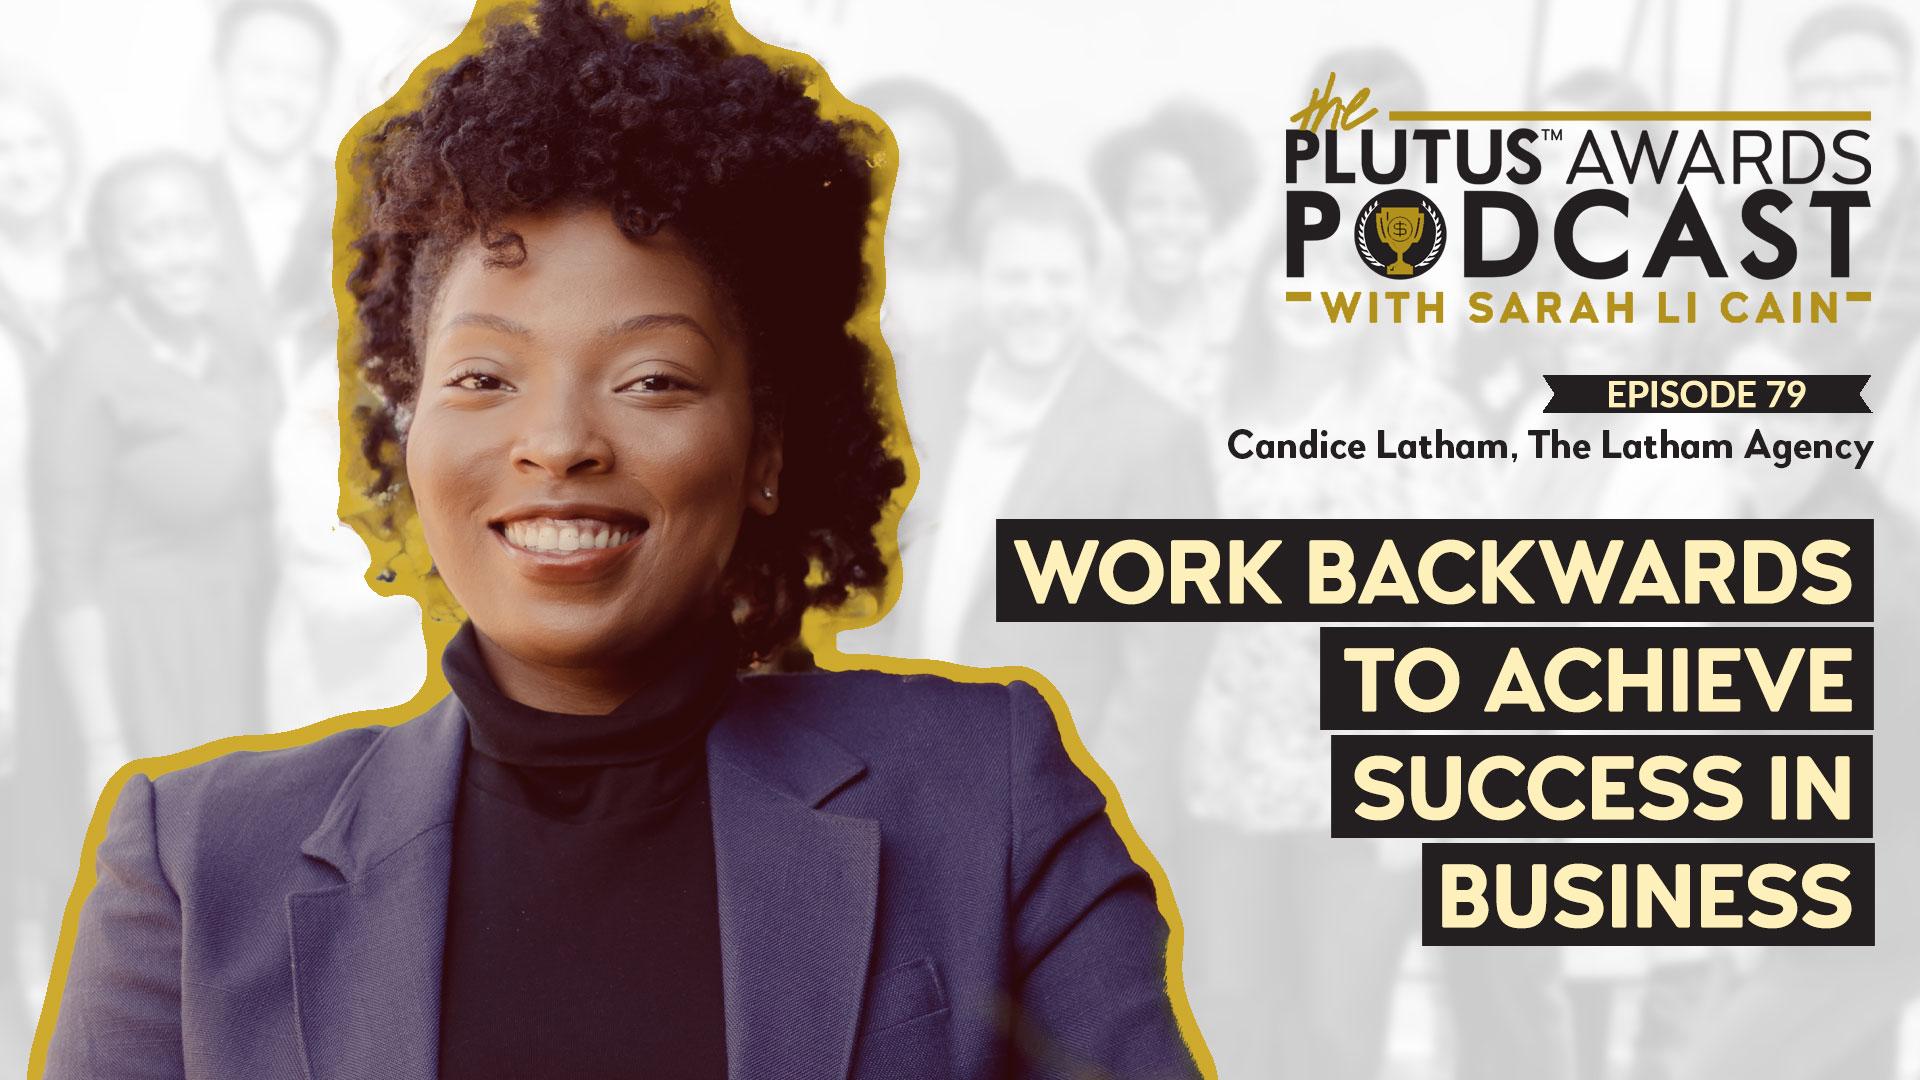 Candice Latham Plutus Awards Podcast Featured Image